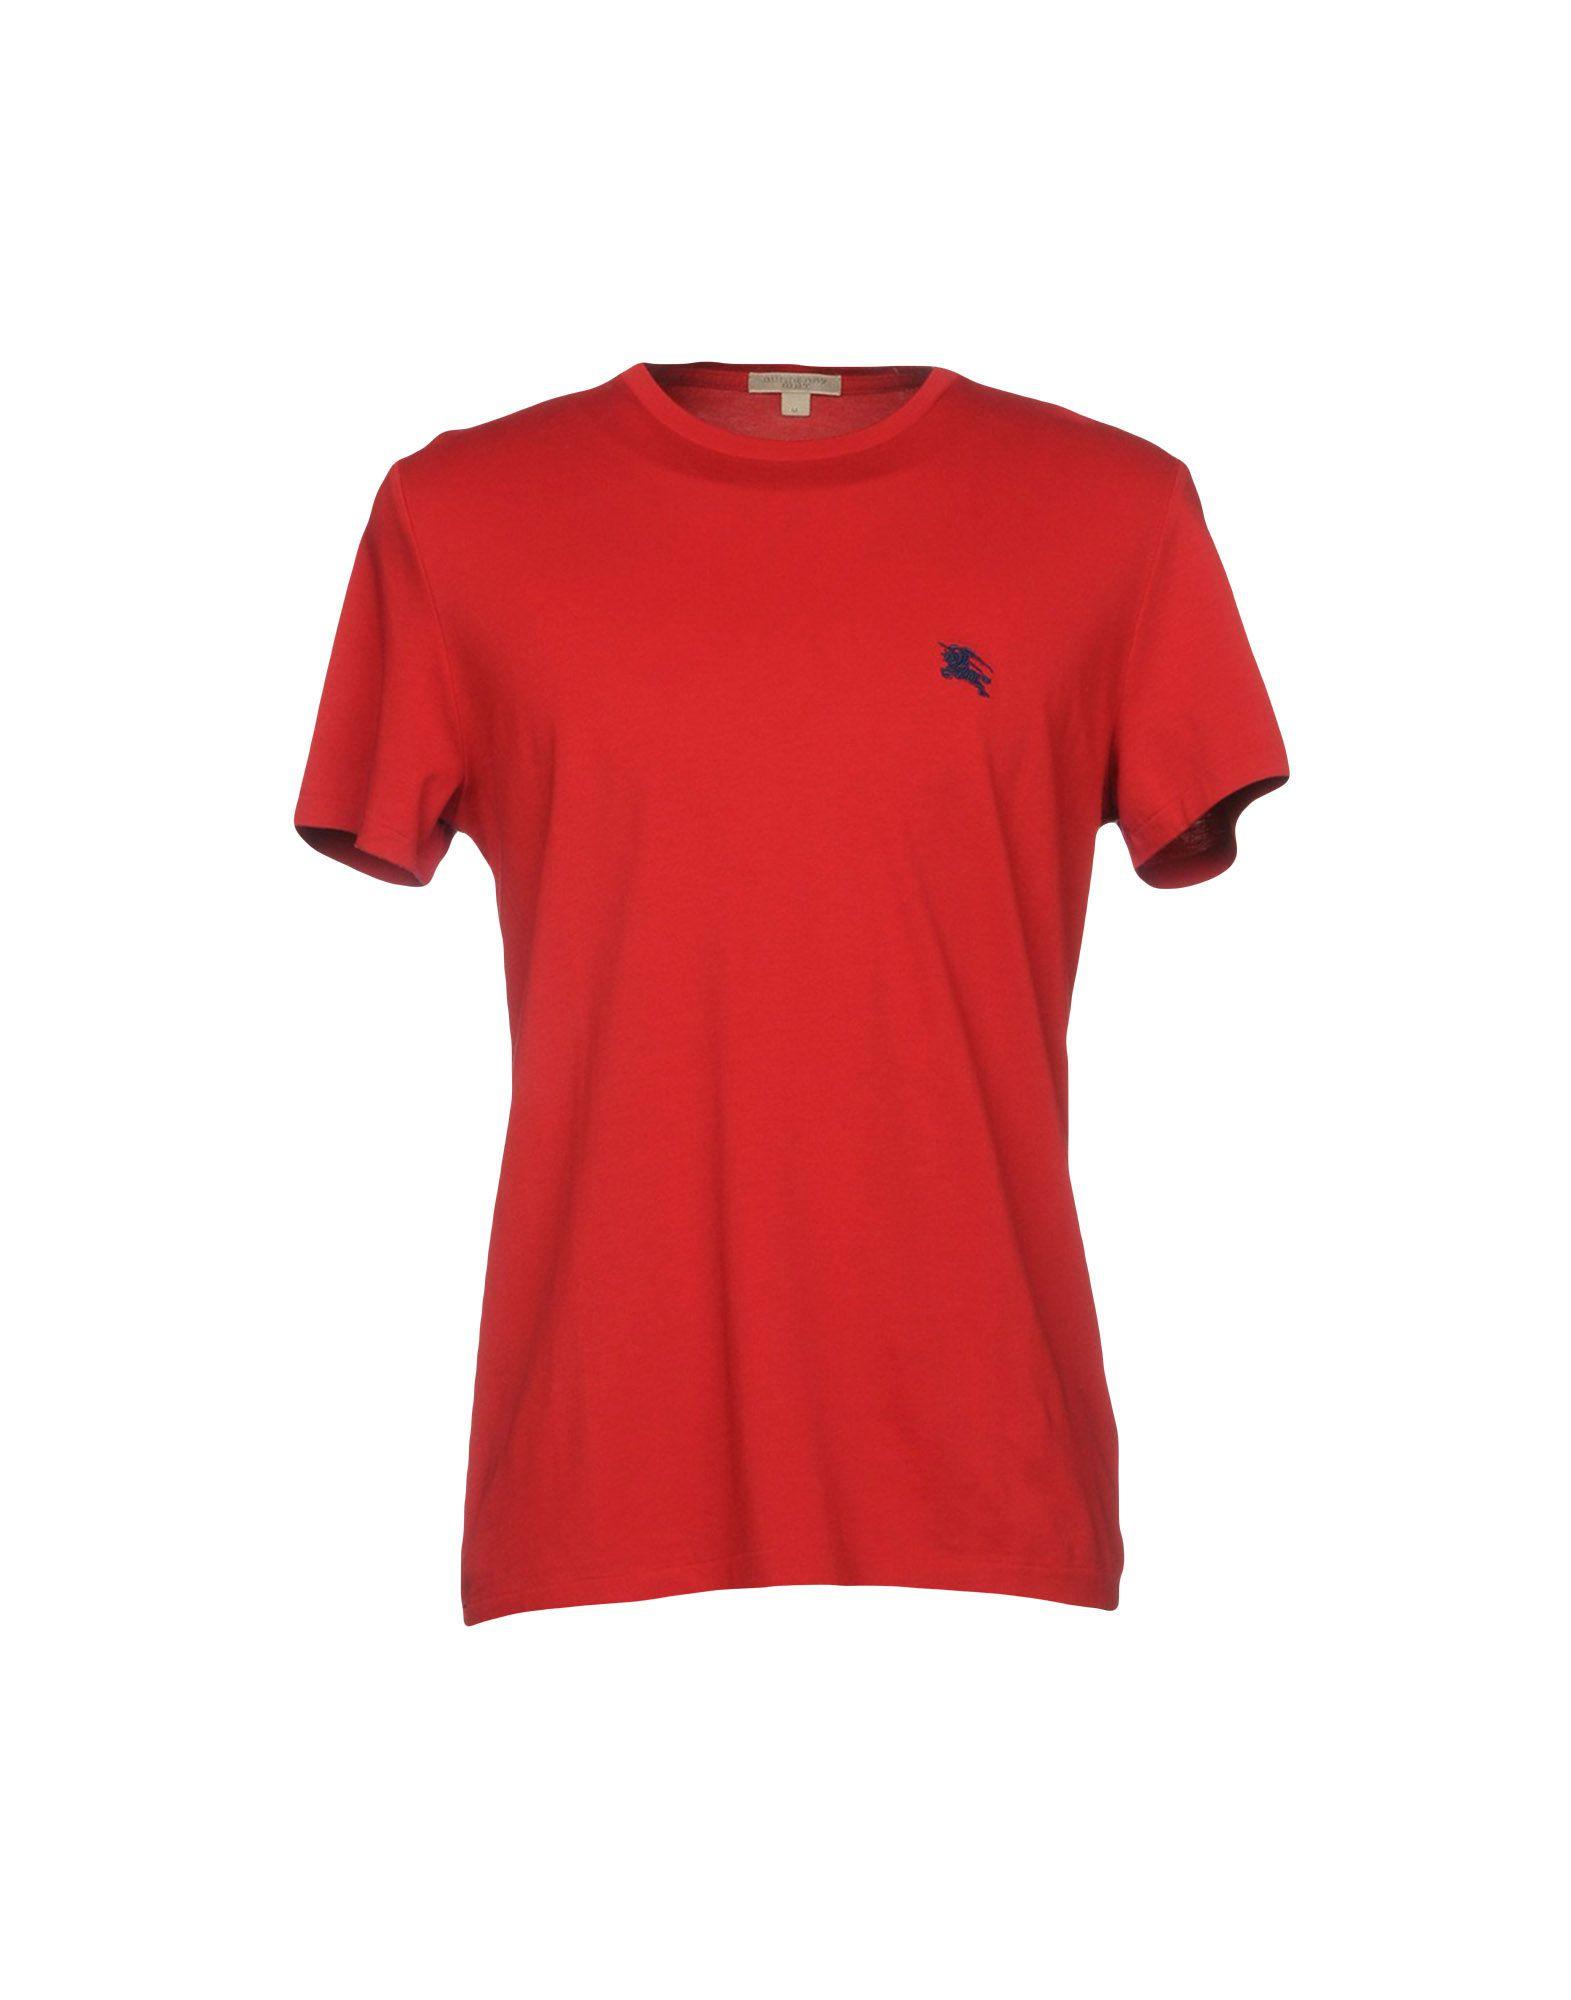 T-Shirt Burberry Uomo - Acquista online su